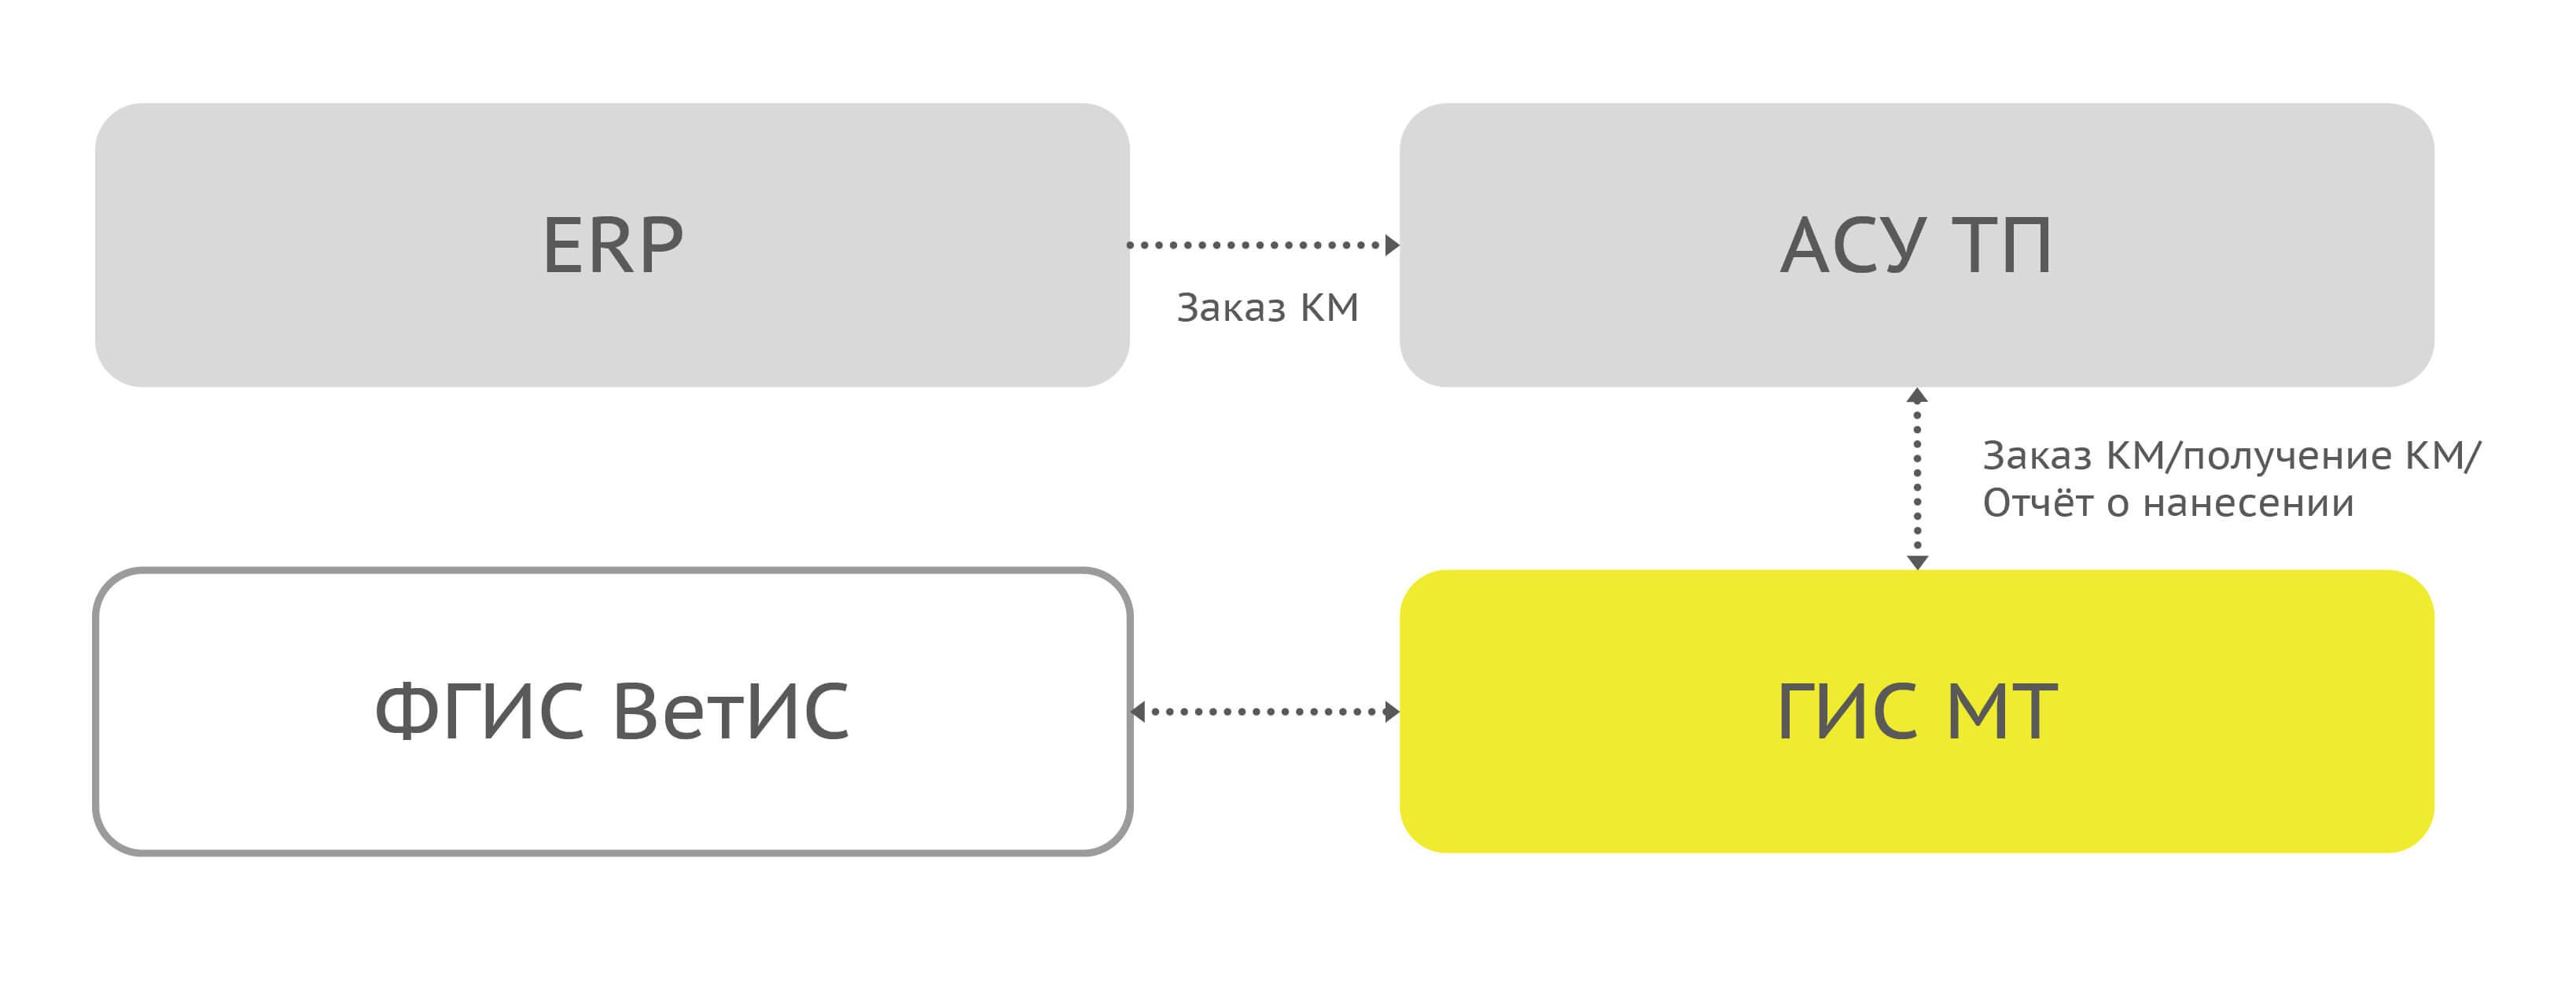 Схема_1.jpg